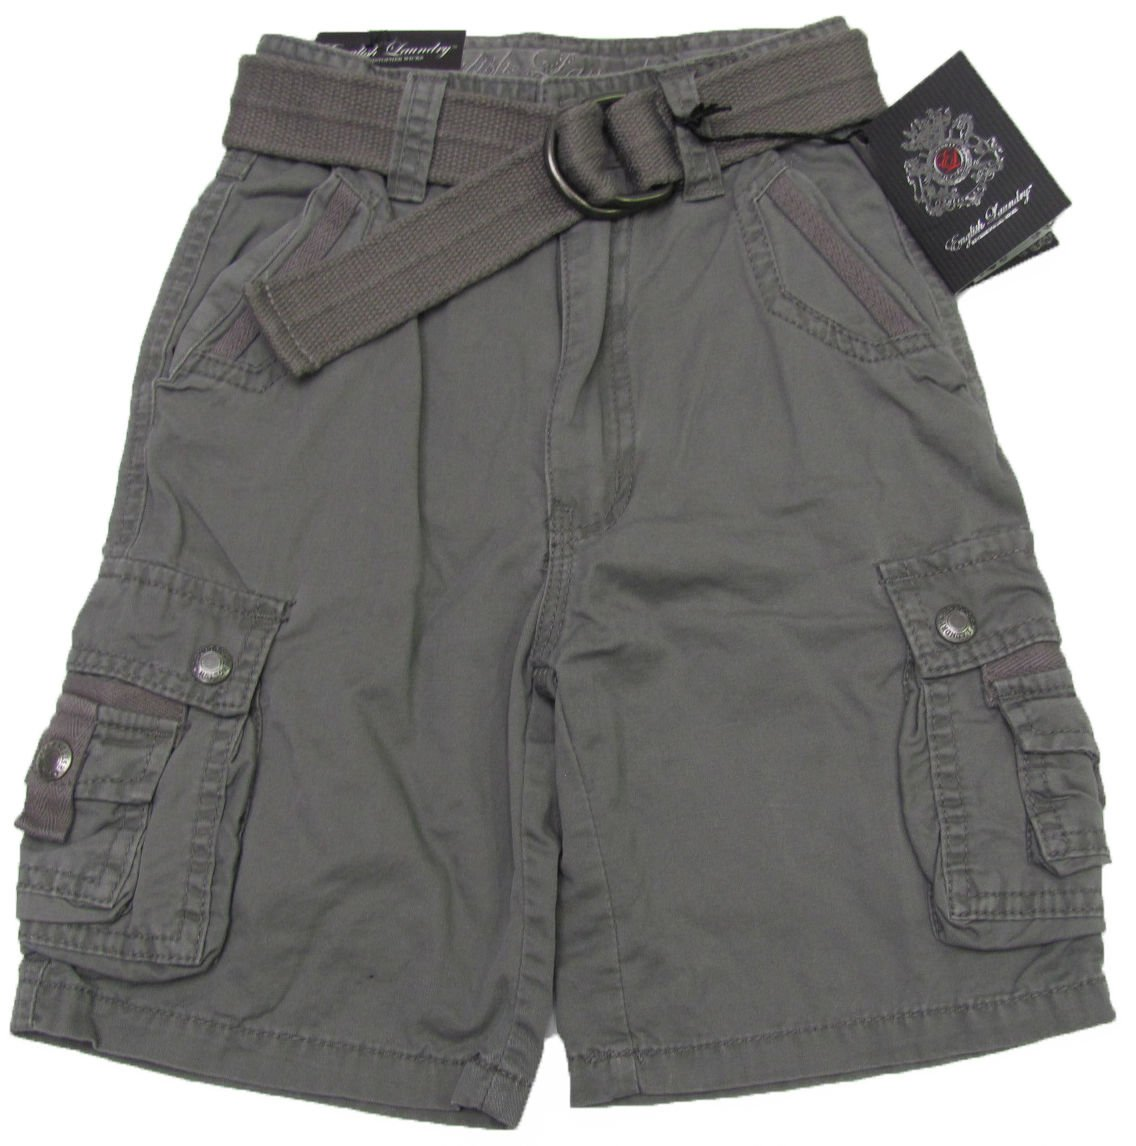 English Laundry Boys size 10 Gray Cargo Shorts with Belt New